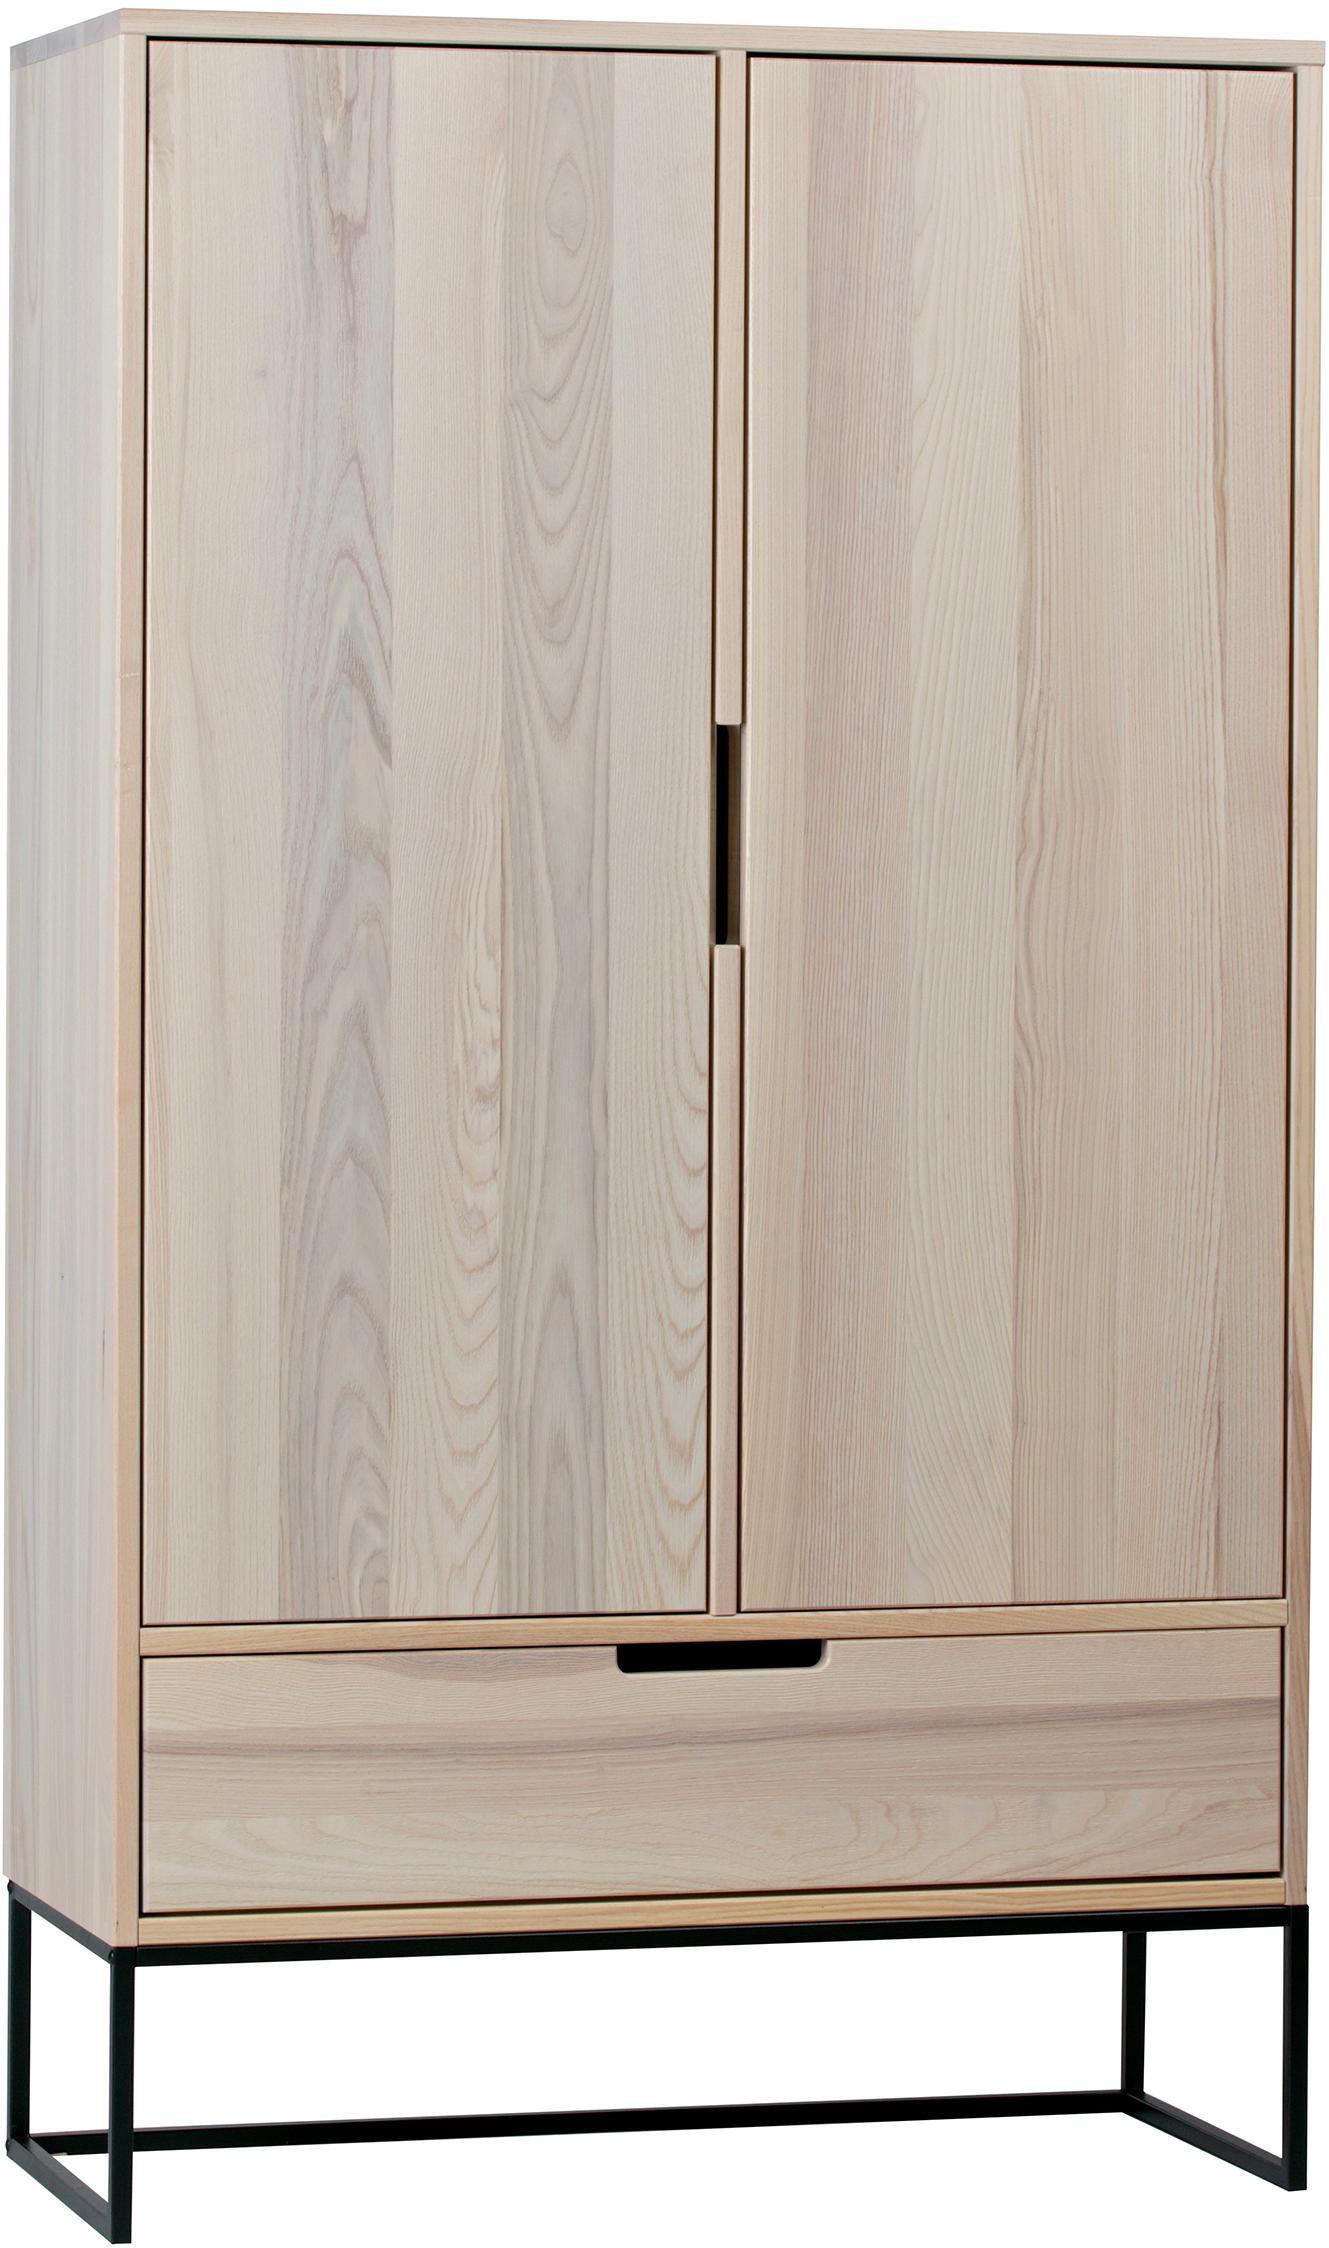 Wysoka komoda Silas, Korpus: drewno jesionowe, szczotk, Nogi: metal lakierowany, Beżowy, S 85 x W 149 cm